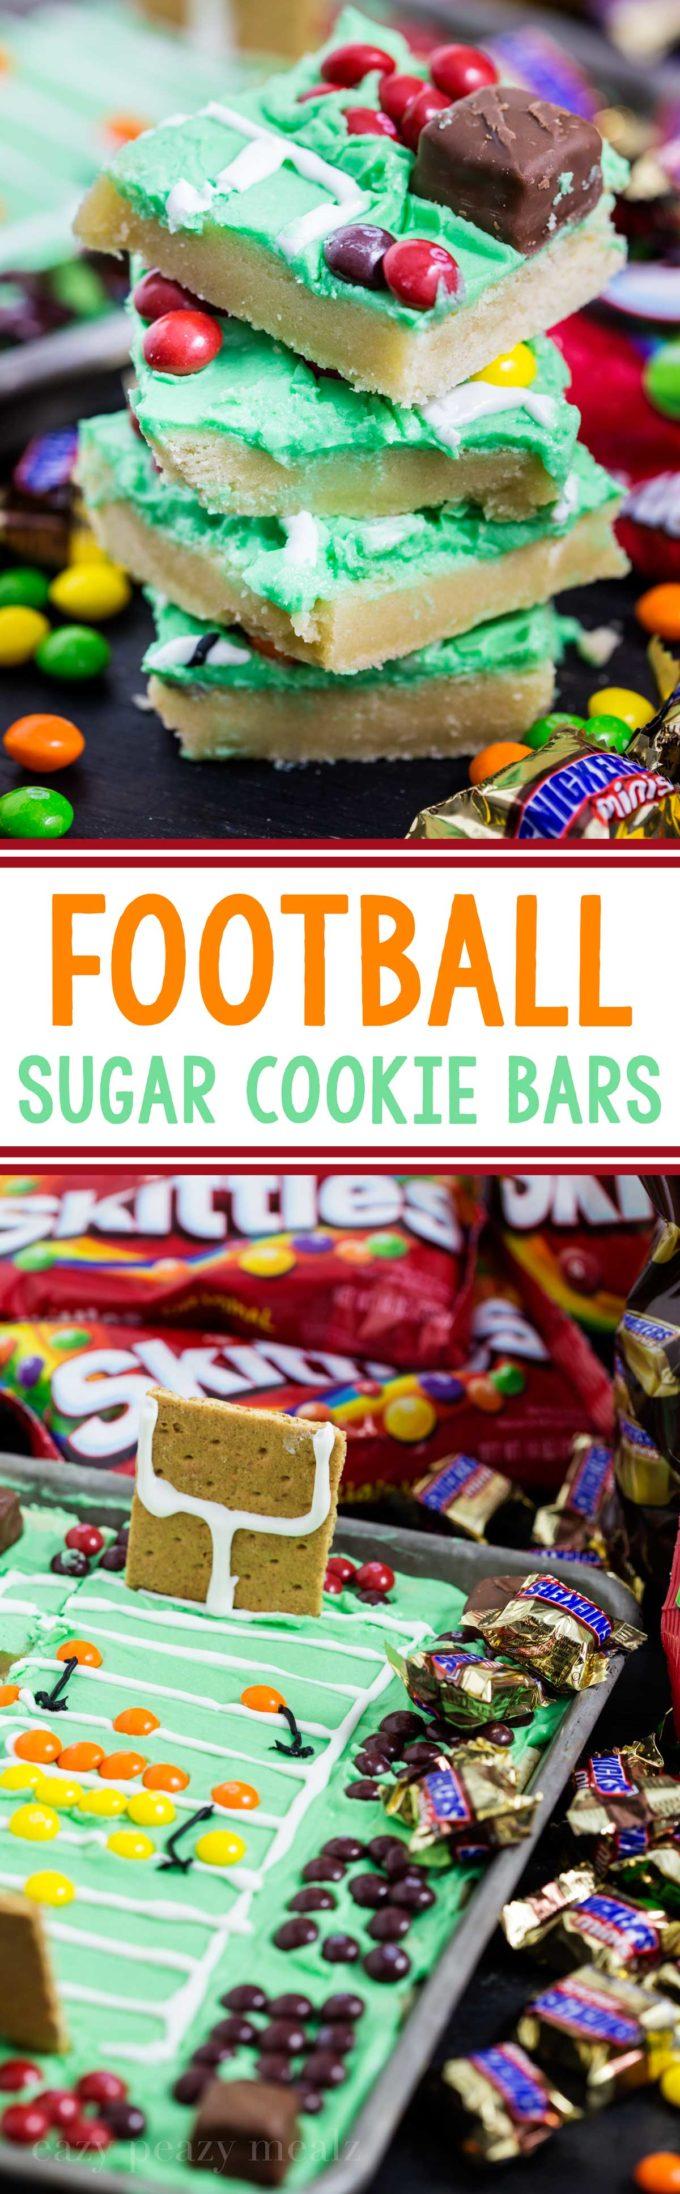 Football stadium sugar cookie bars!